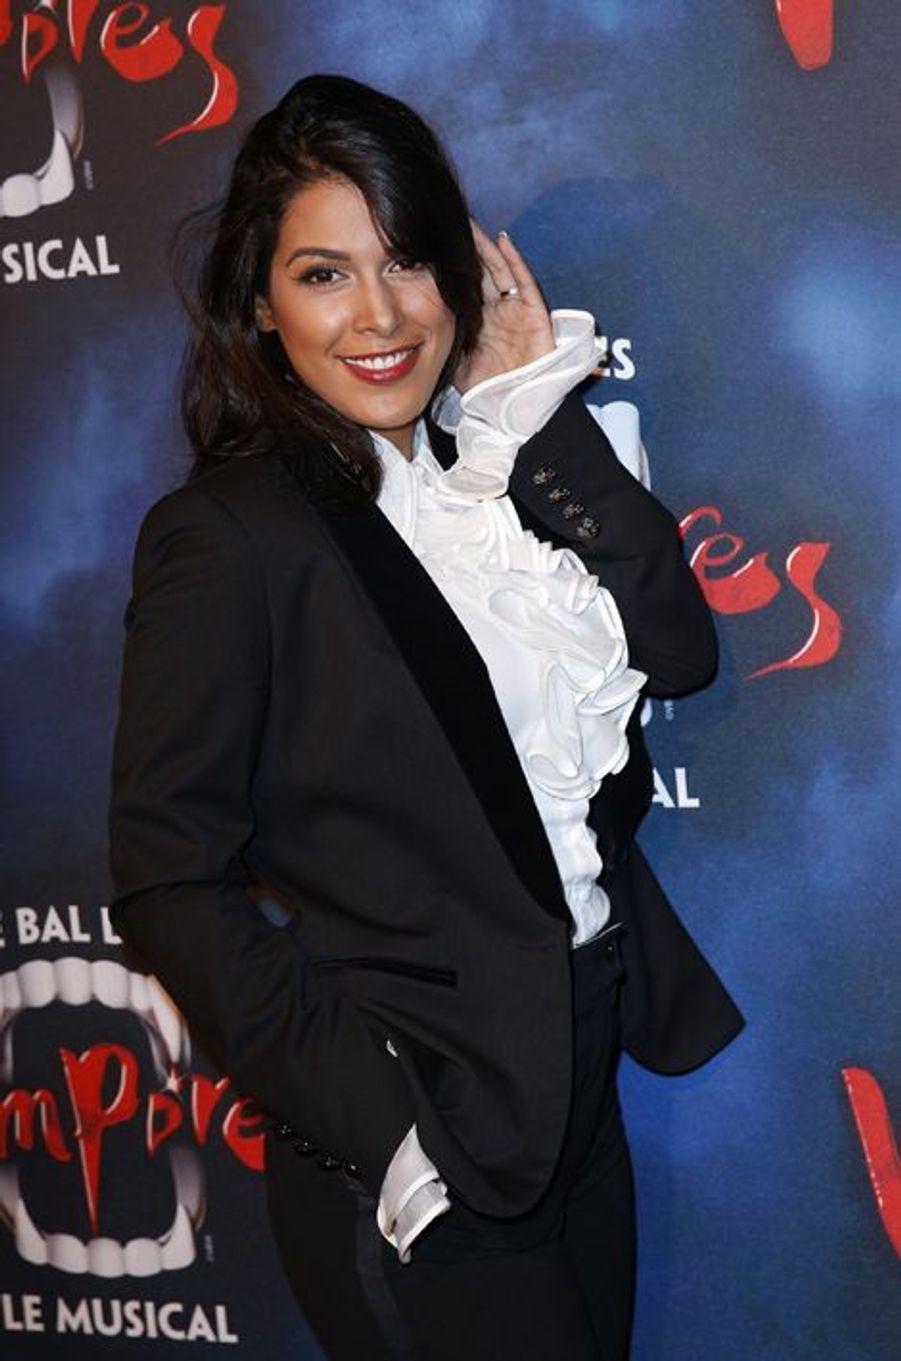 Participante de la saison 5 de «Secret Story» en 2011, Ayem Nour opère une rapide reconversion au sein d'«NRJ 12» dans la série «Hollywood Girls» puis en tant que chroniqueuse de l'émission «Le Mag». Après un départ de la chaîne sur fond de mésentente et rumeurs de disputes fin 2013, la jeune femme de 26 ans officie par la suite sur la chaîne «June». En couple durant plusieurs années avec Vincent Miclet, un riche homme d'affaires, ce serait suite à une déception amoureuse qu'elle aurait tenté de mettre fin à ses jours le 17 février dernier en ingérant un cocktail de médicaments et d'alcool.